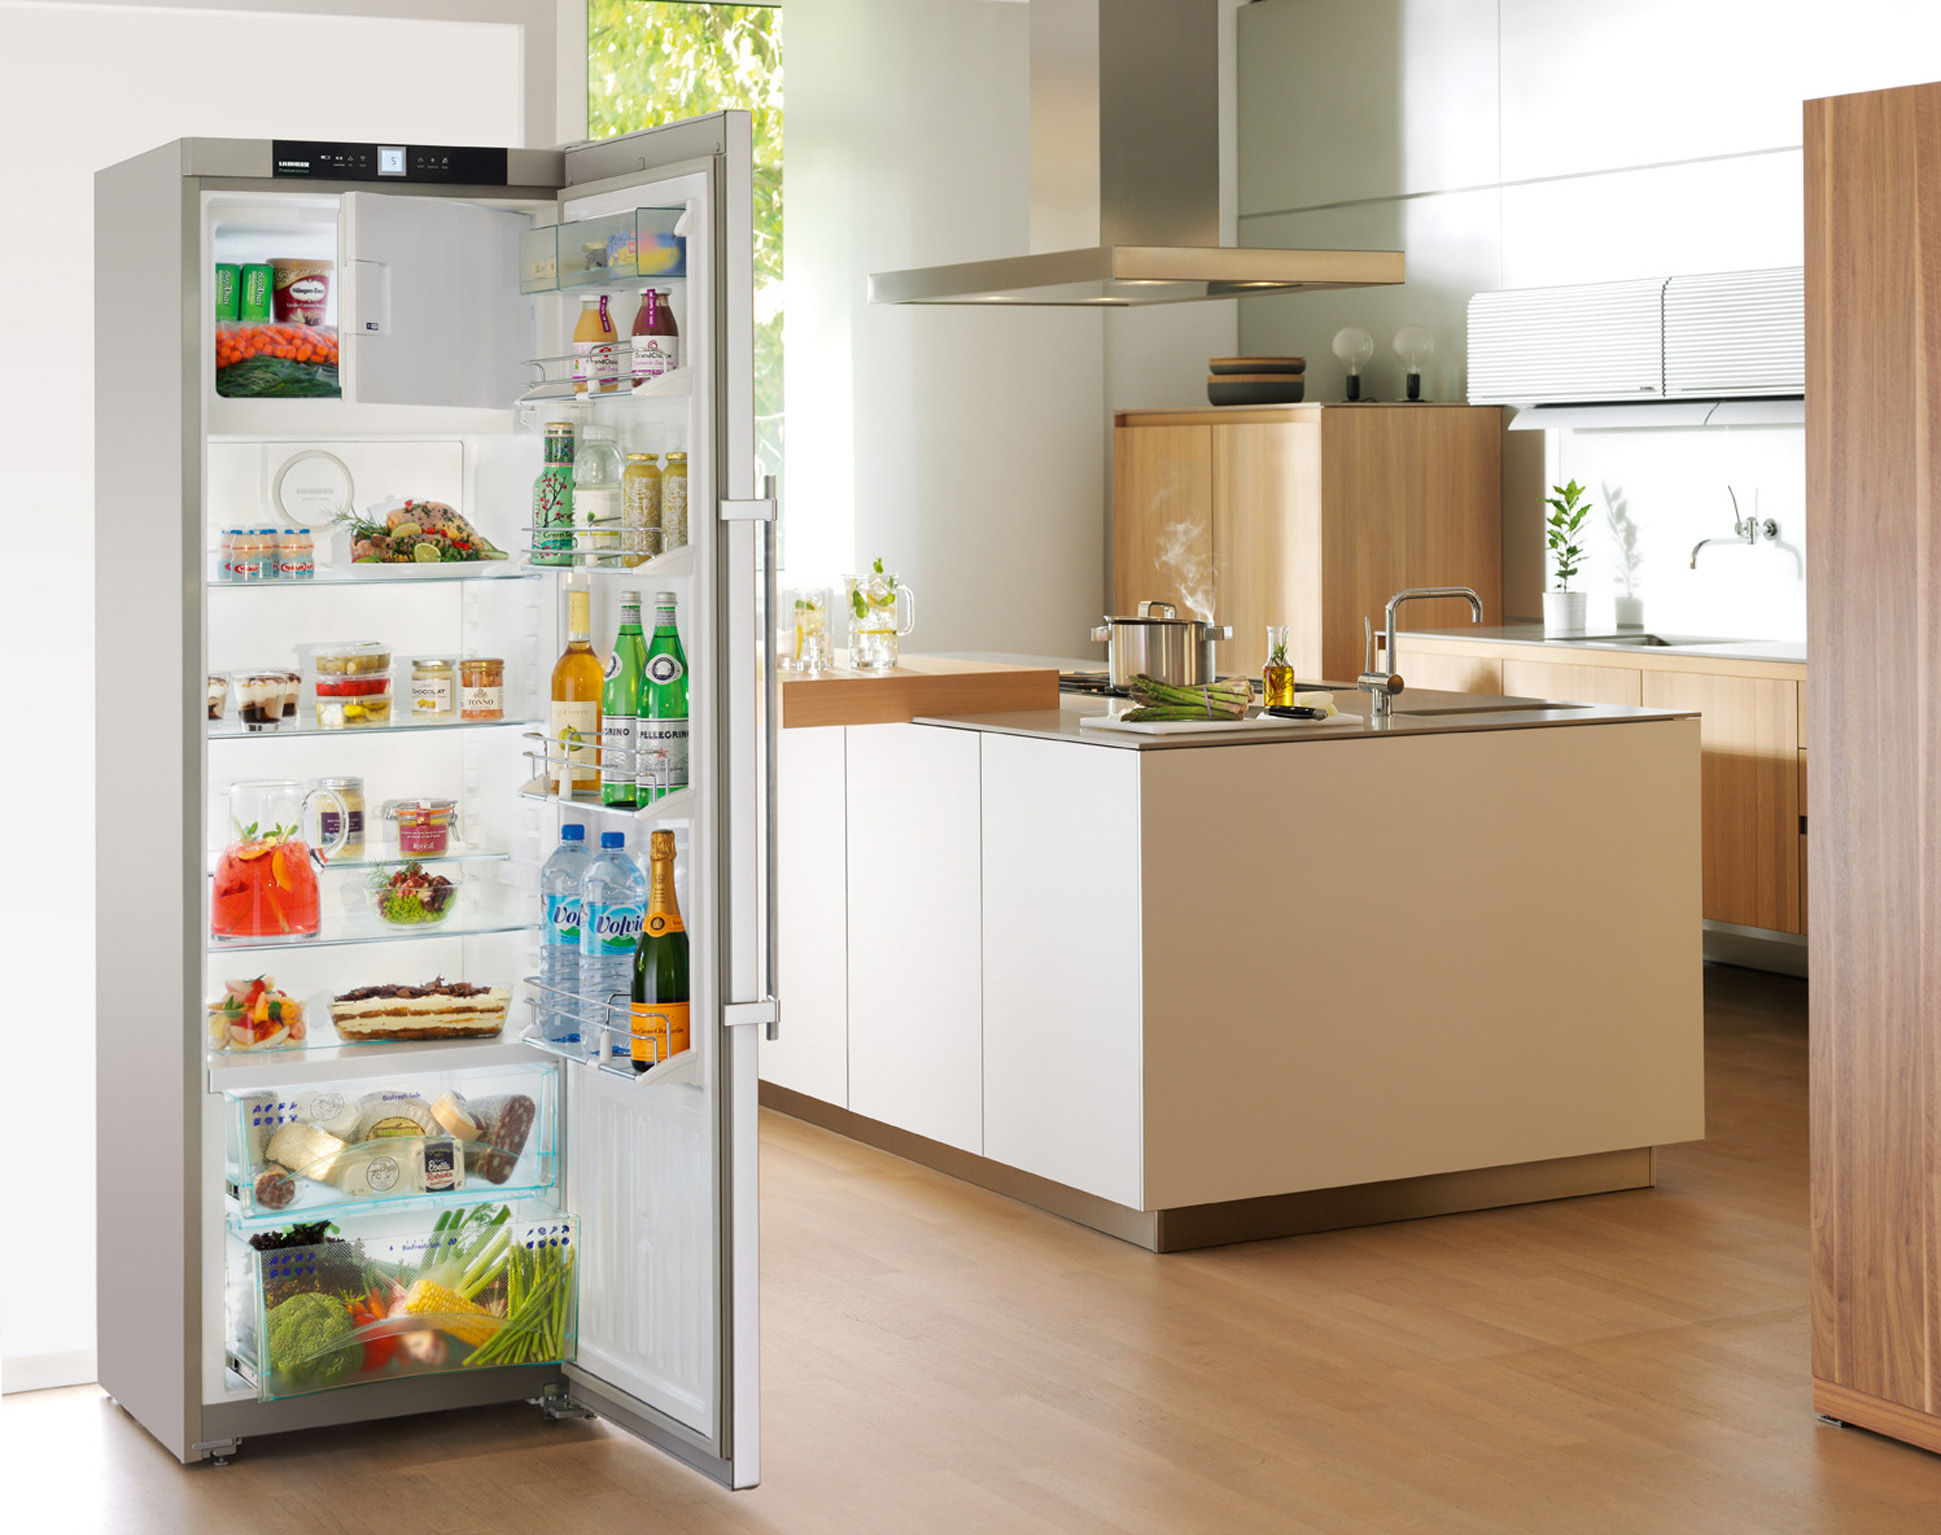 frischecenter k hlschrank welche lebensmittel geh ren wohin. Black Bedroom Furniture Sets. Home Design Ideas